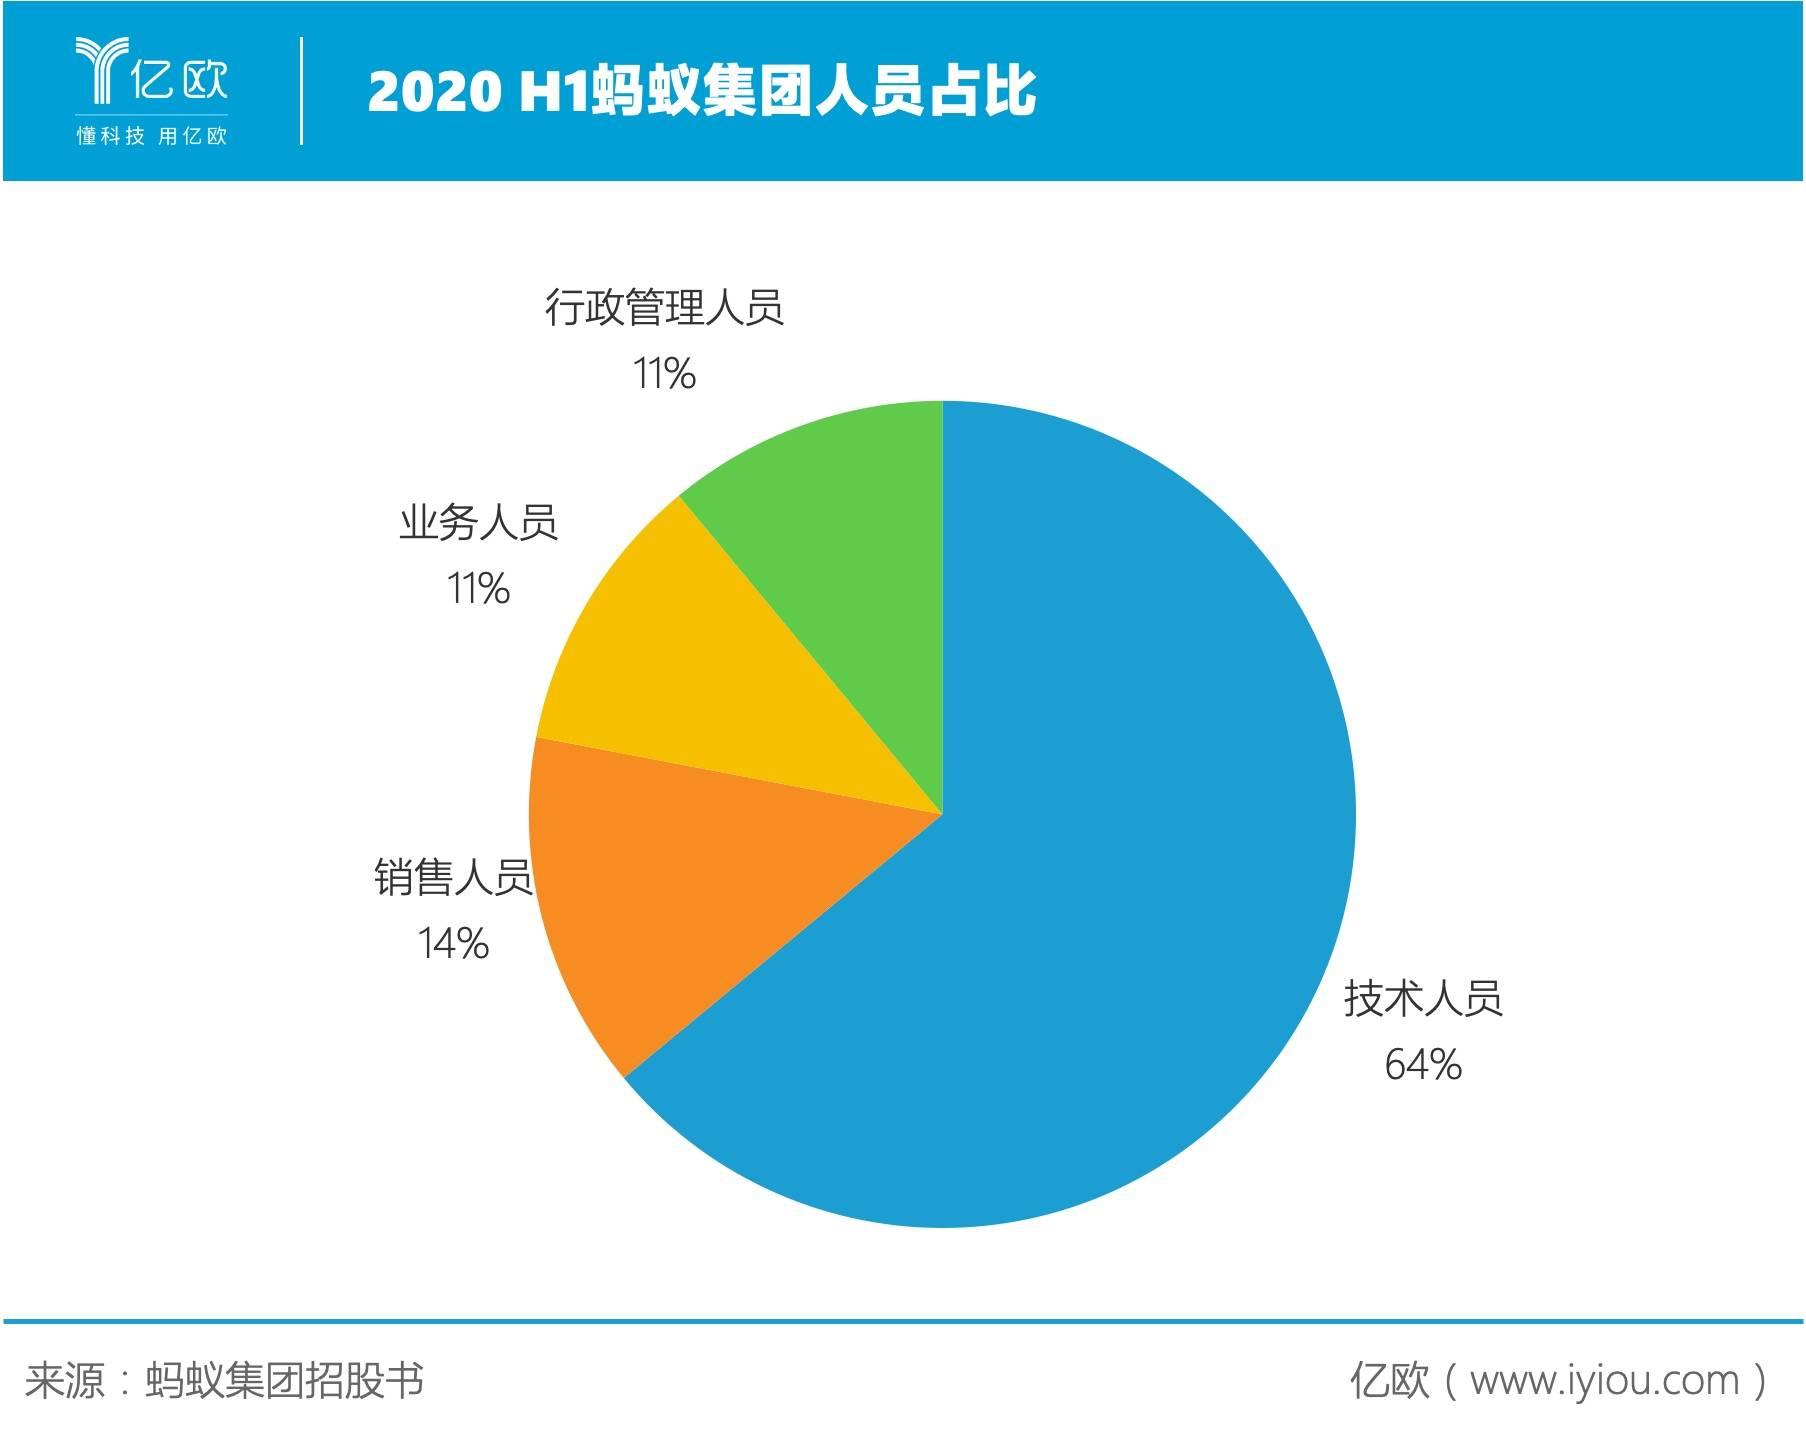 2020 H1蚂蚁集团人员占比